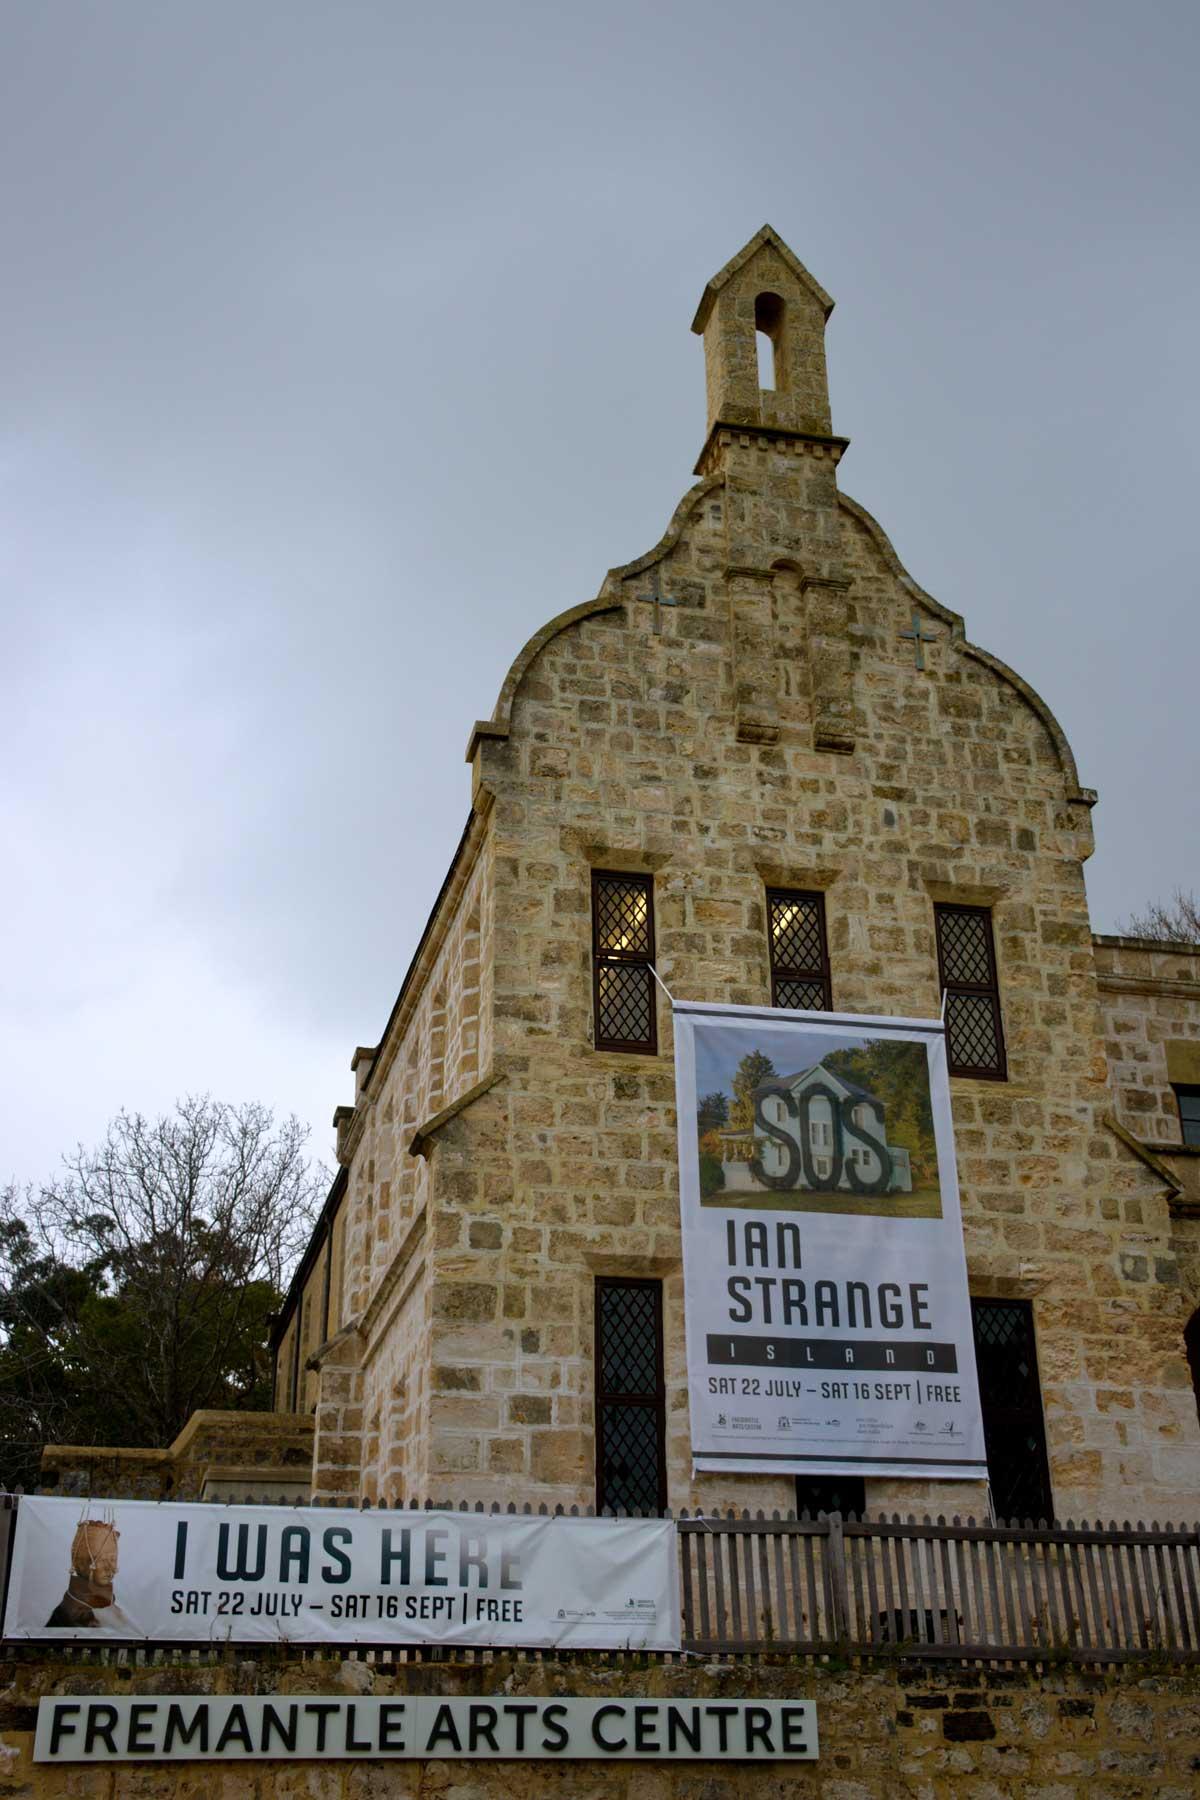 Fremantle Art Centre